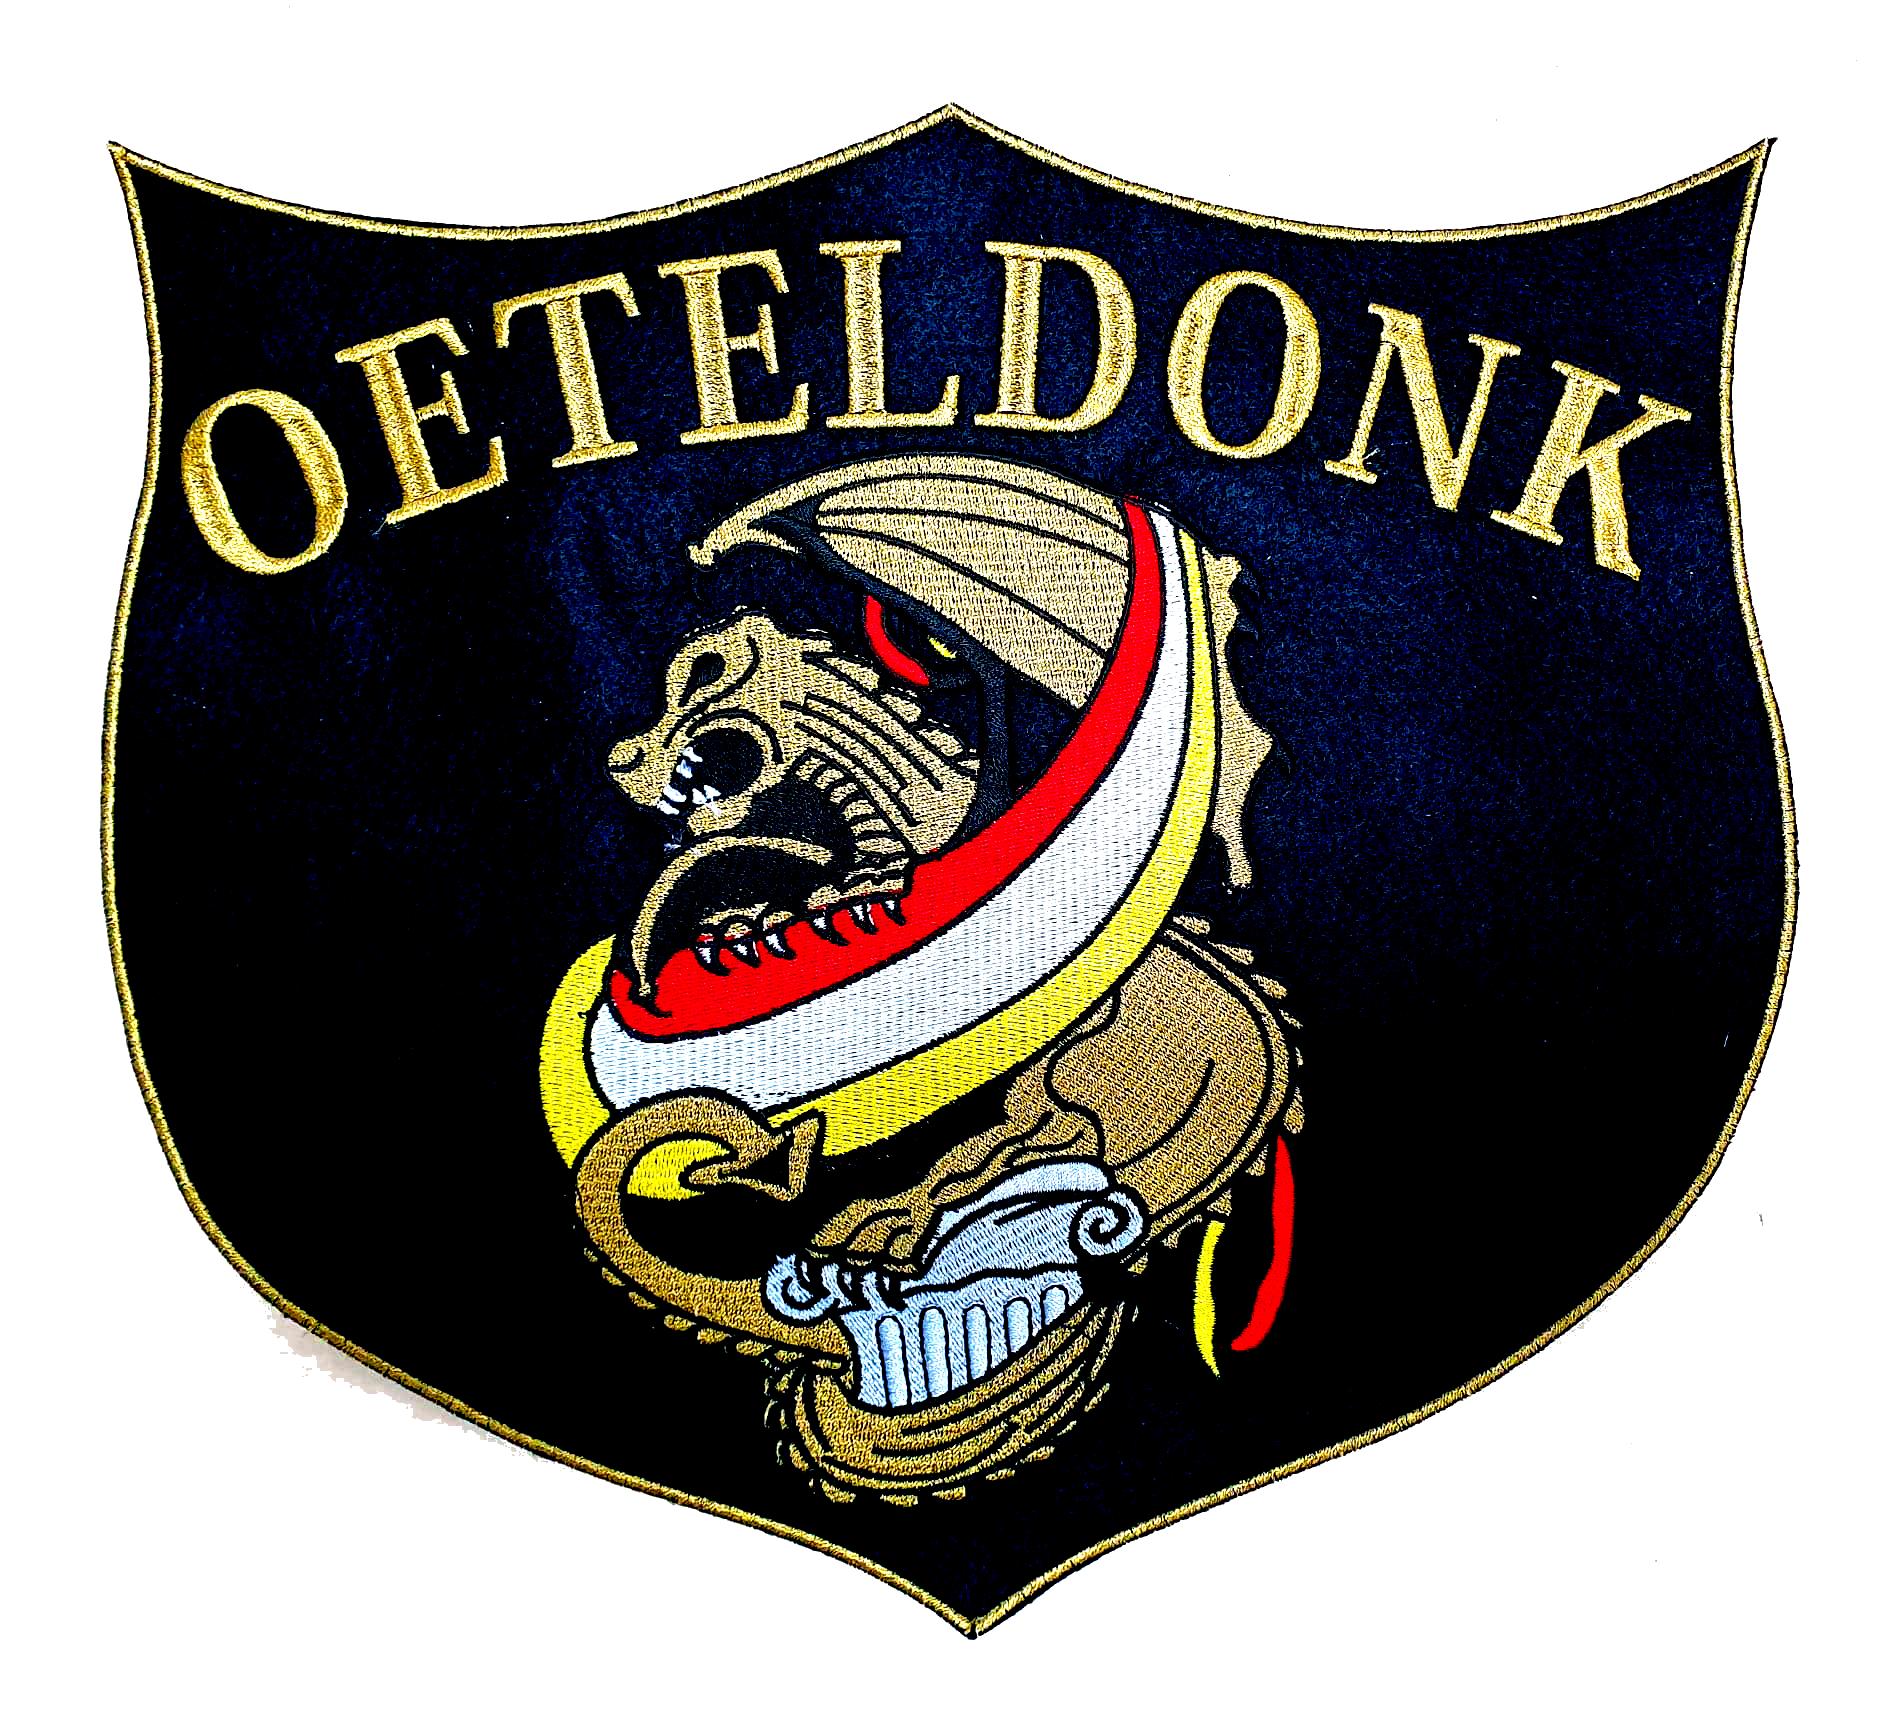 Niiniix Oeteldonks borduur embleem met Bossche gouden draak en tekst Oeteldonk in groot schild